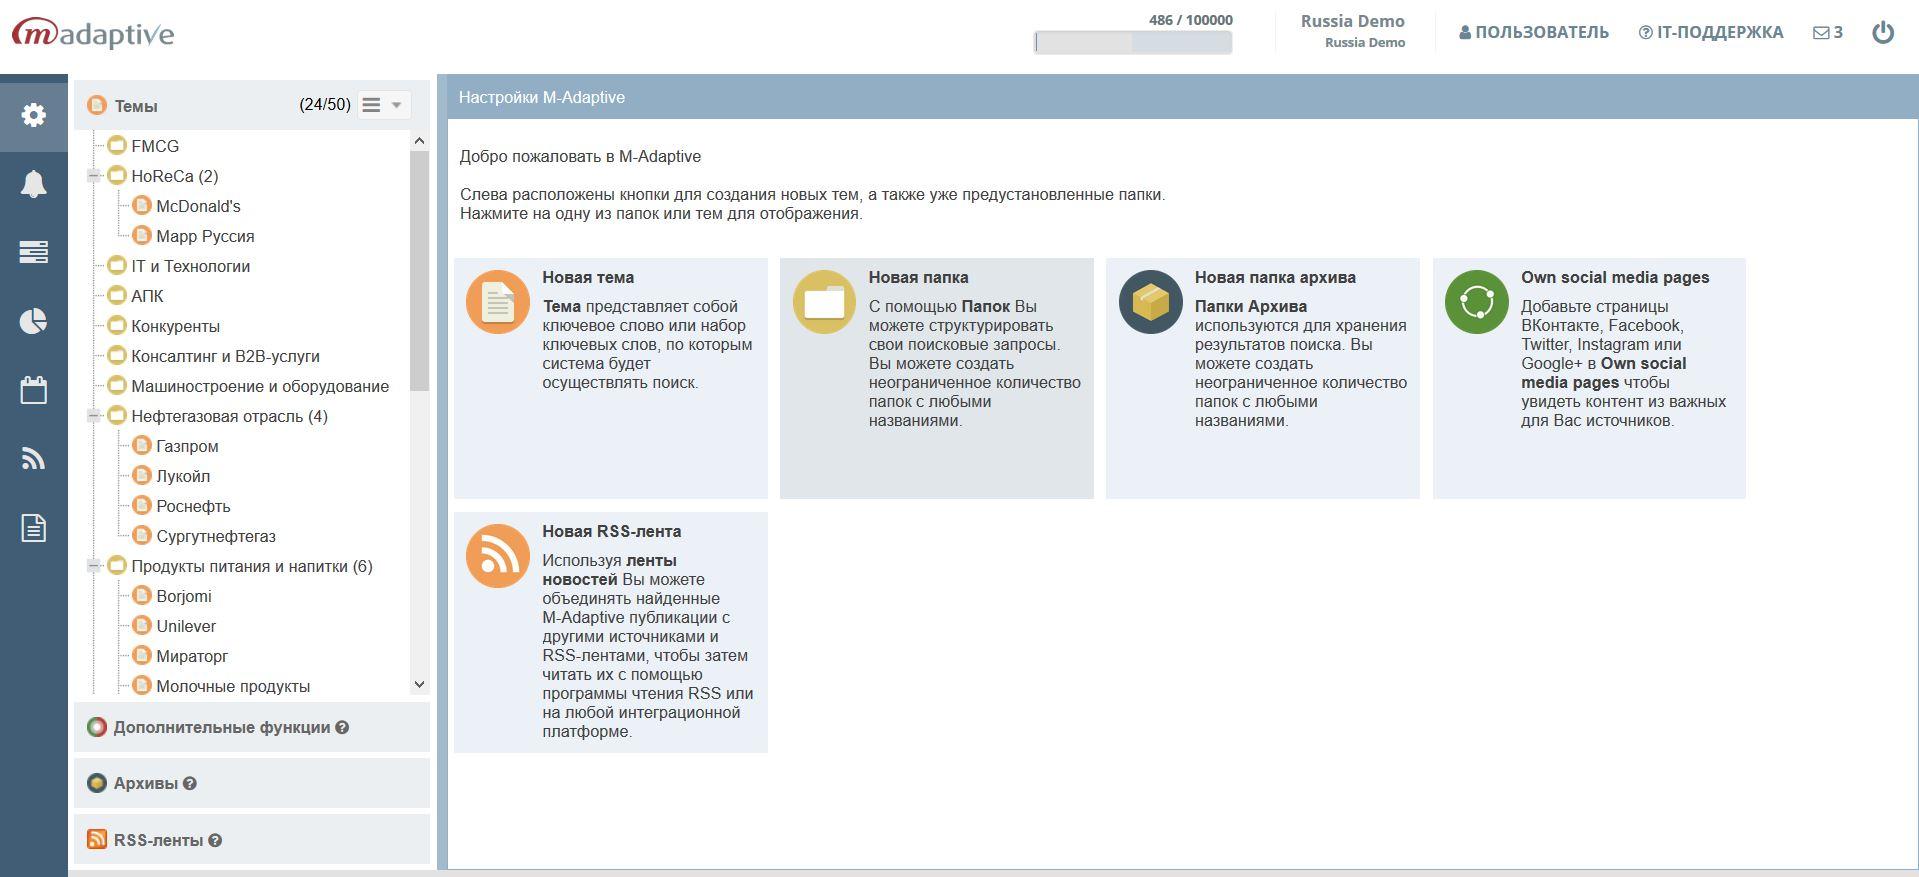 Настройка инструментов мониторинга СМИ и социальных медиа в программном продукте M-Adaptive от M-Brain